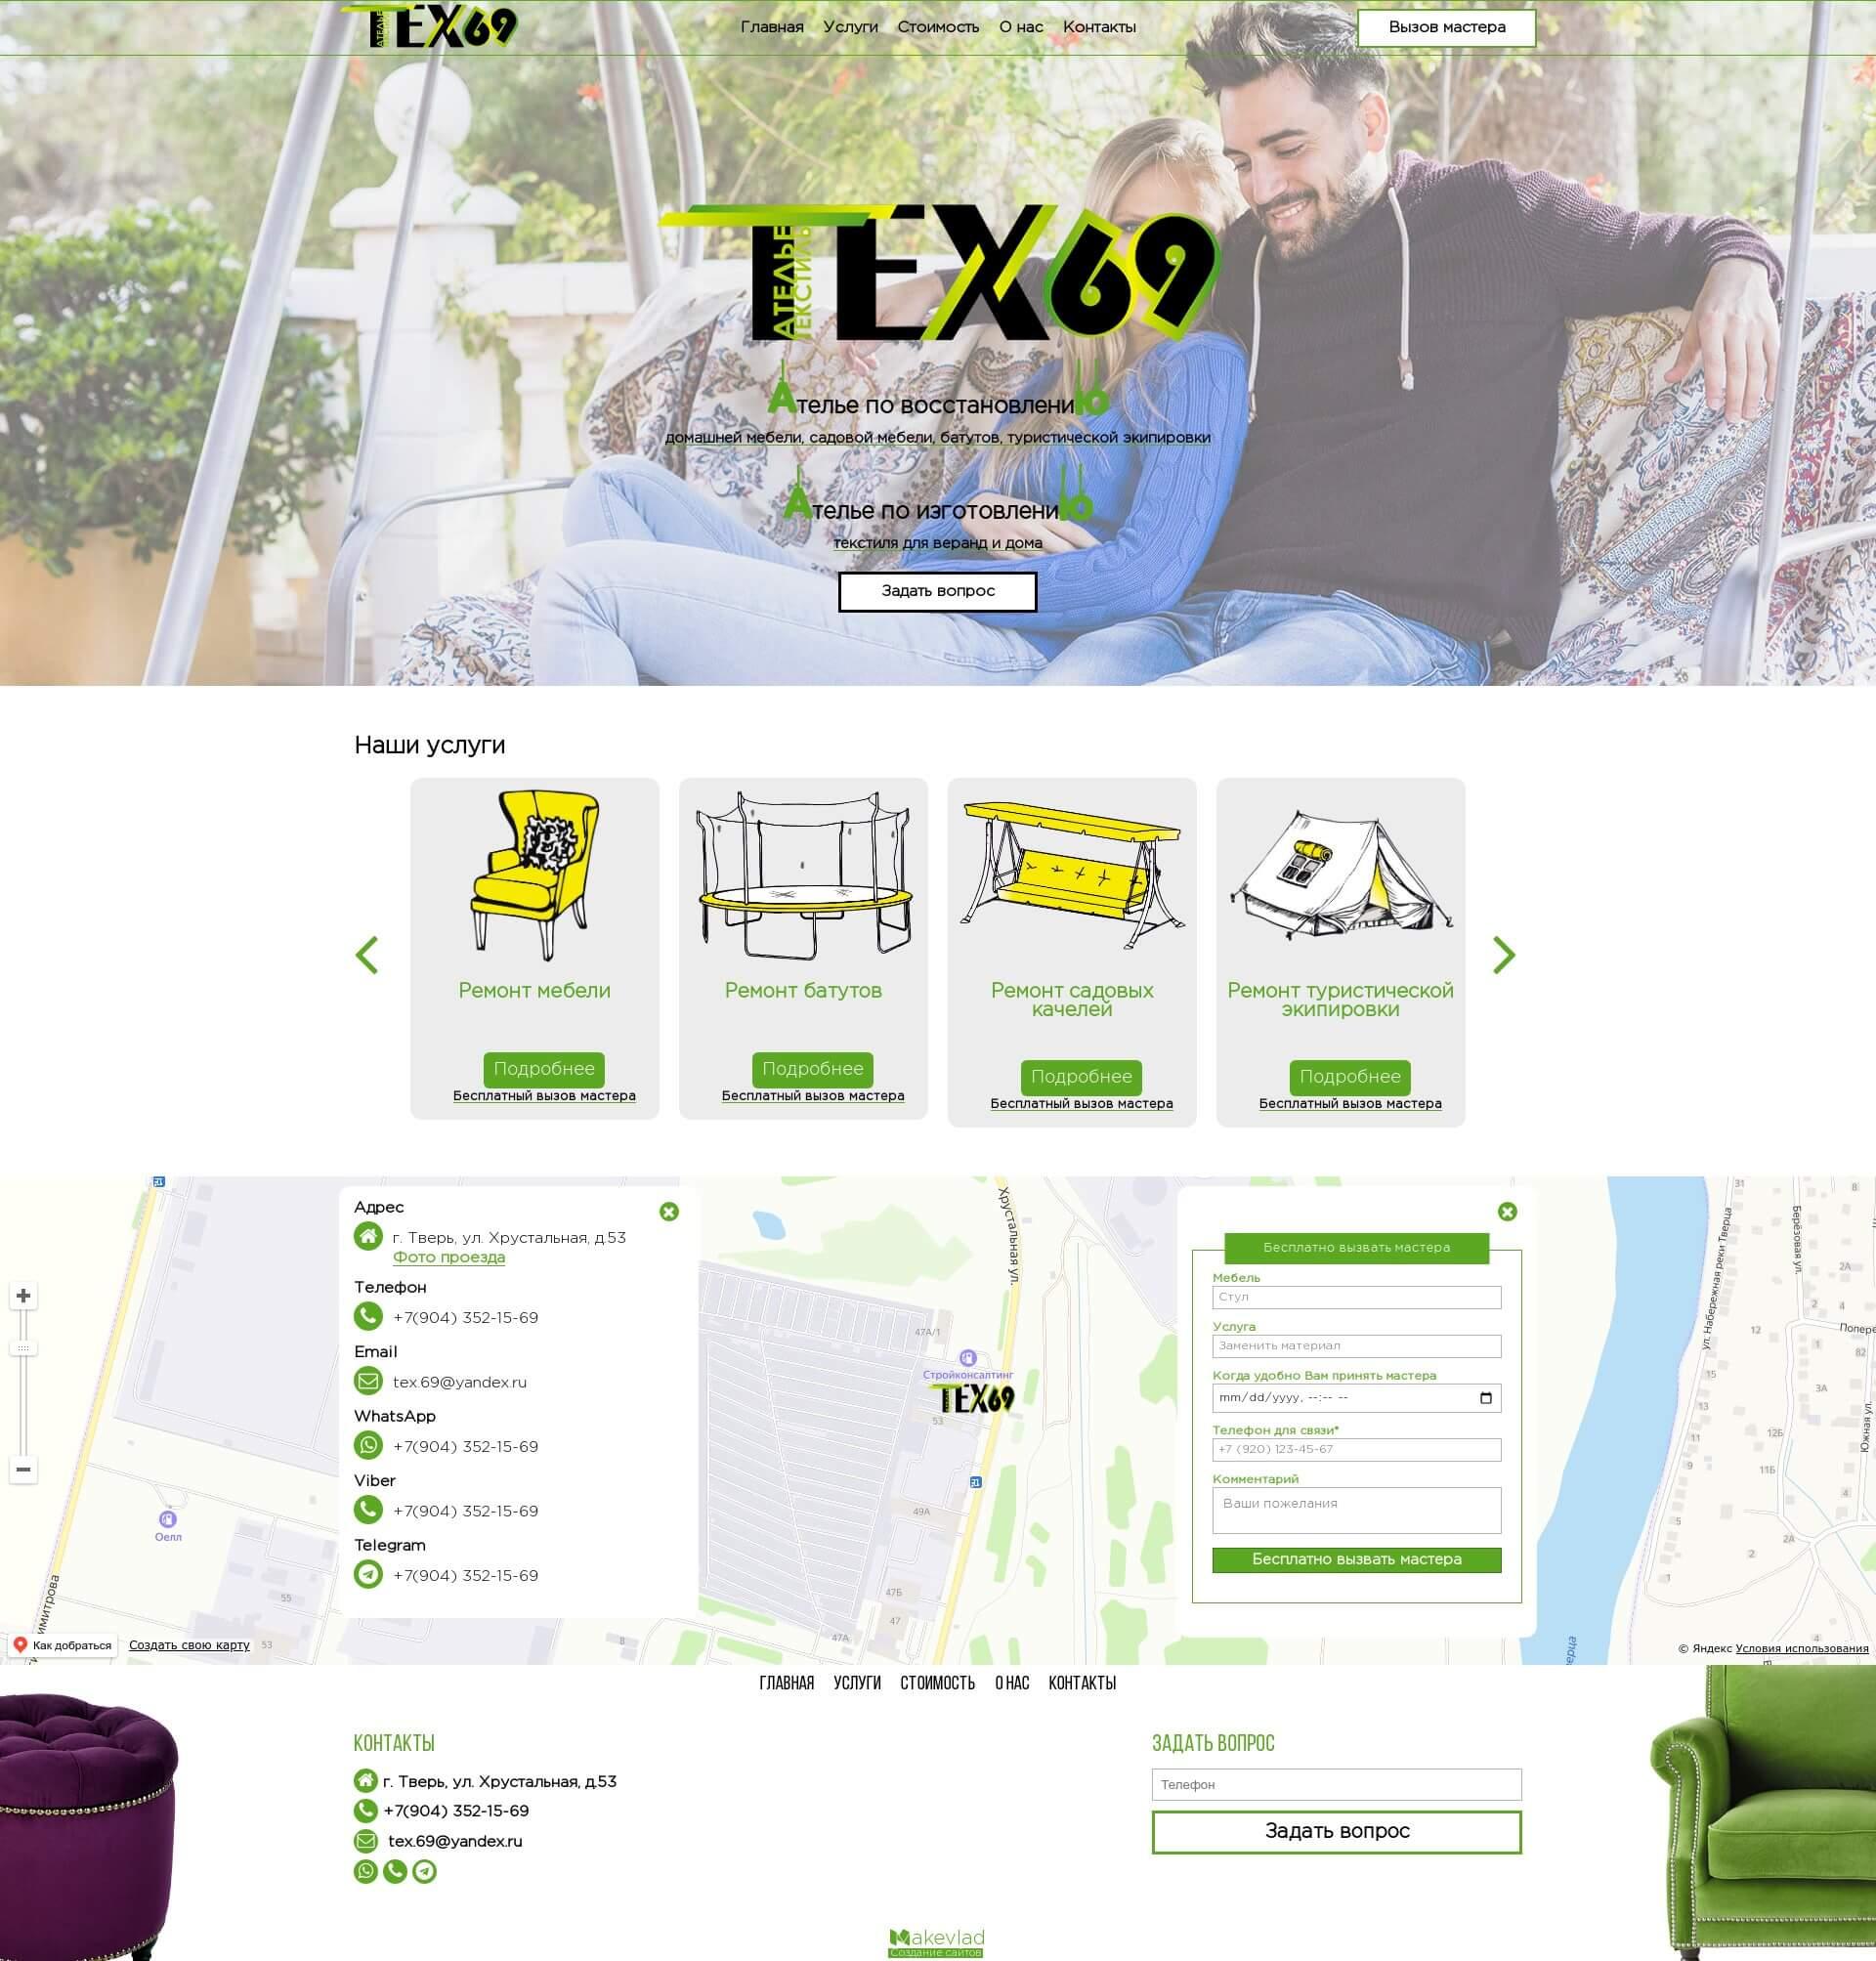 Скриншот №1 страницы сайта во весь экран. Сайт для ателье